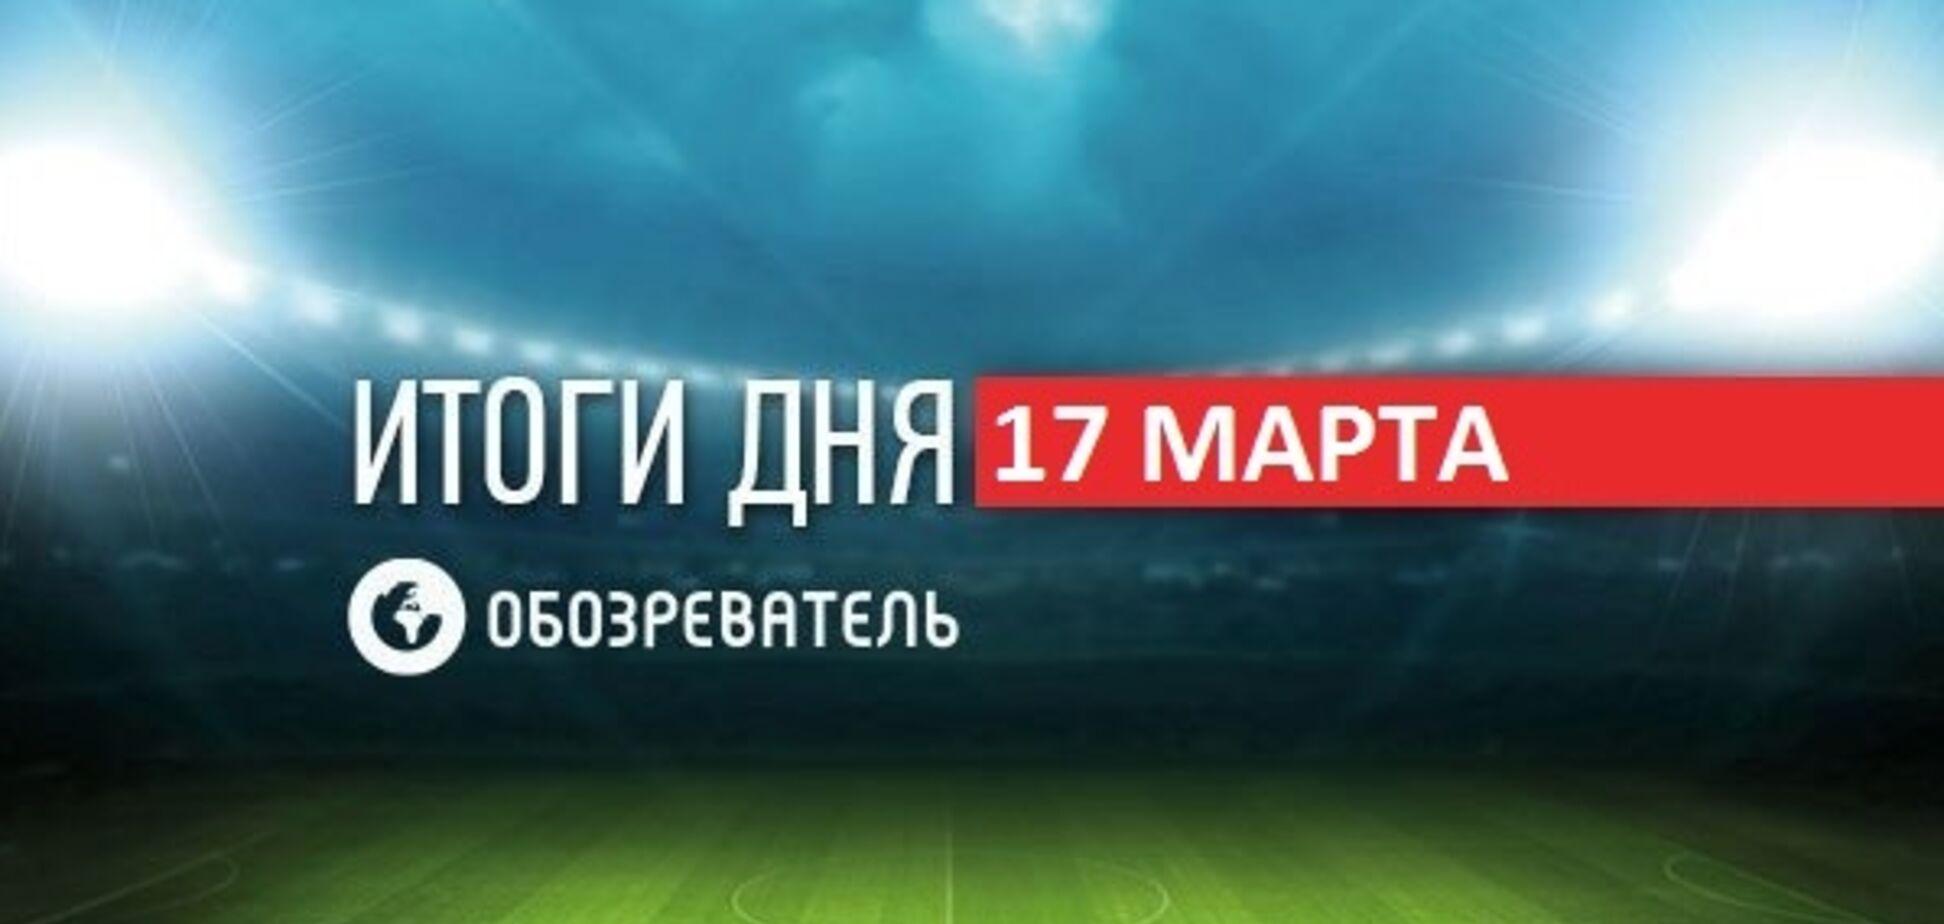 Самый желанный соперник Ломаченко разгромно проиграл чемпионский бой: спортивные итоги 17 марта